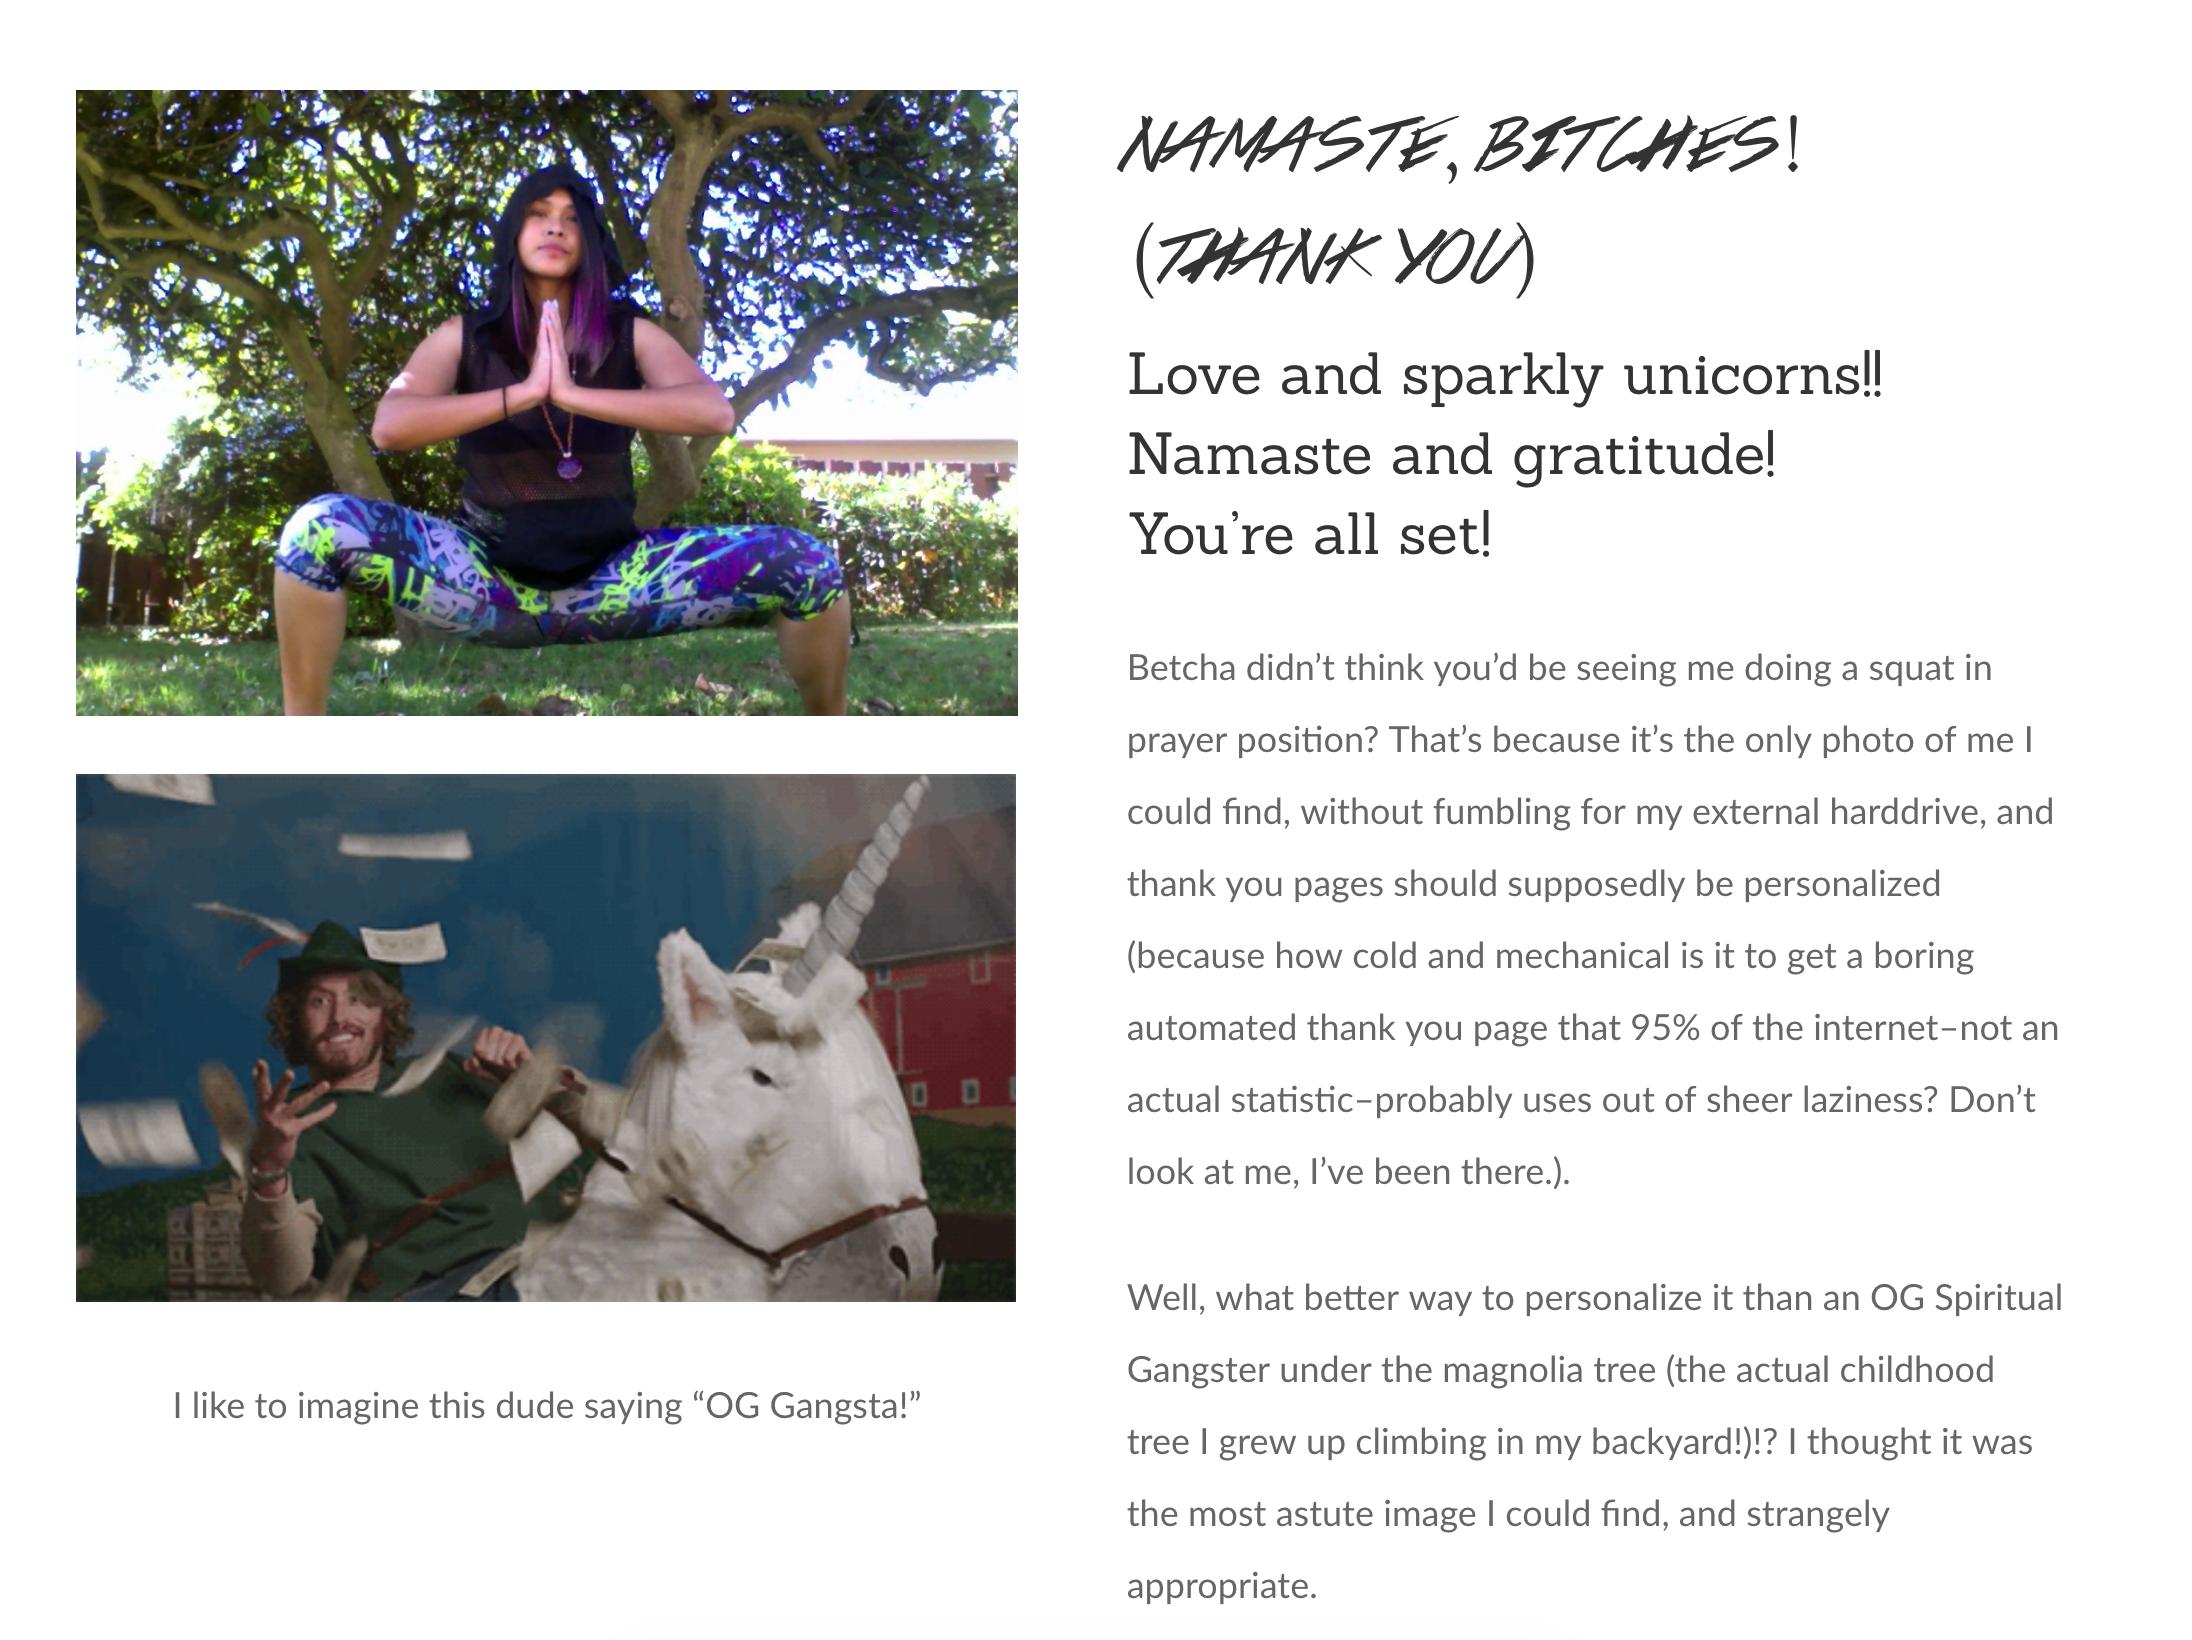 Example from digital storyteller Janet Brent